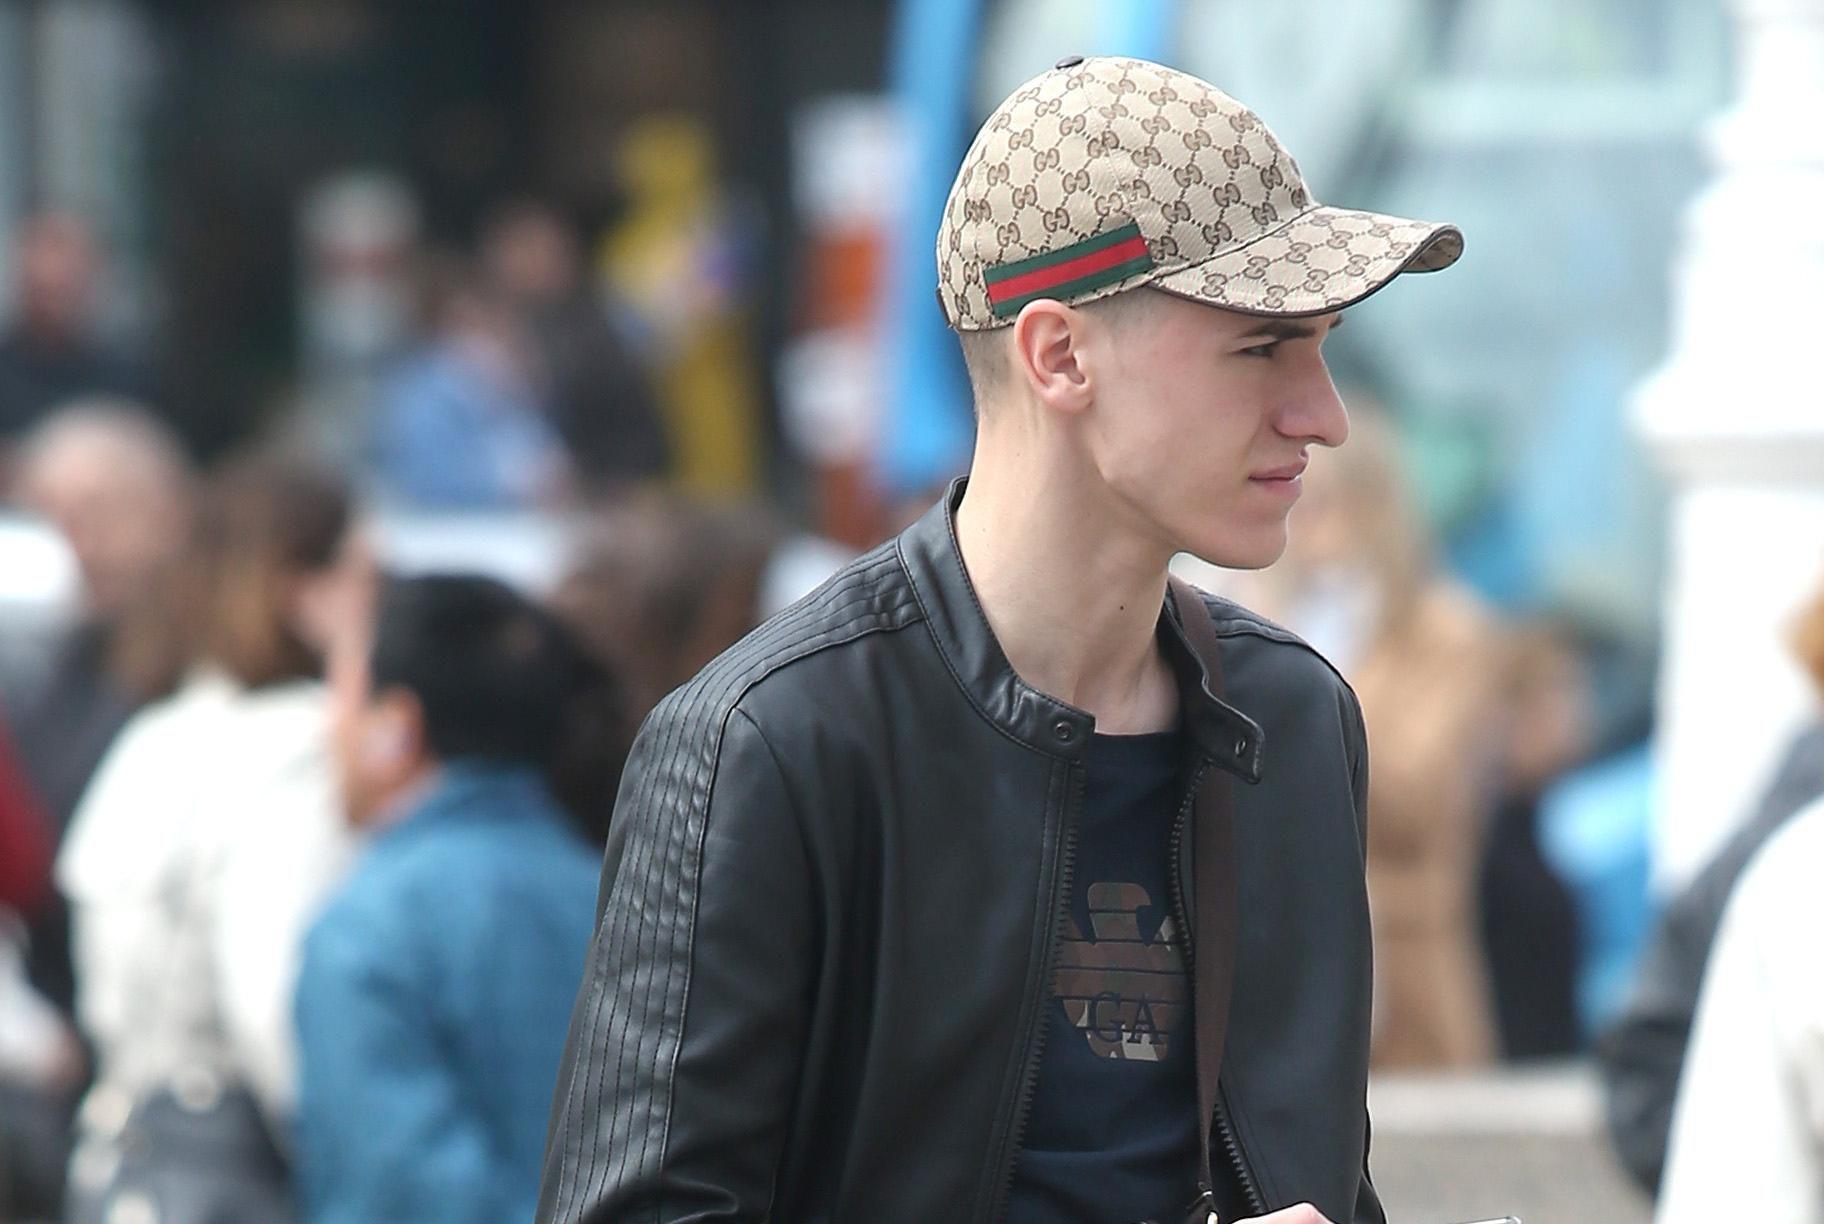 I dečki vole Gucci: Pogledajte kako je ovaj frajer upario dizajnersku torbu i šiltericu od gotovo 2000 kuna